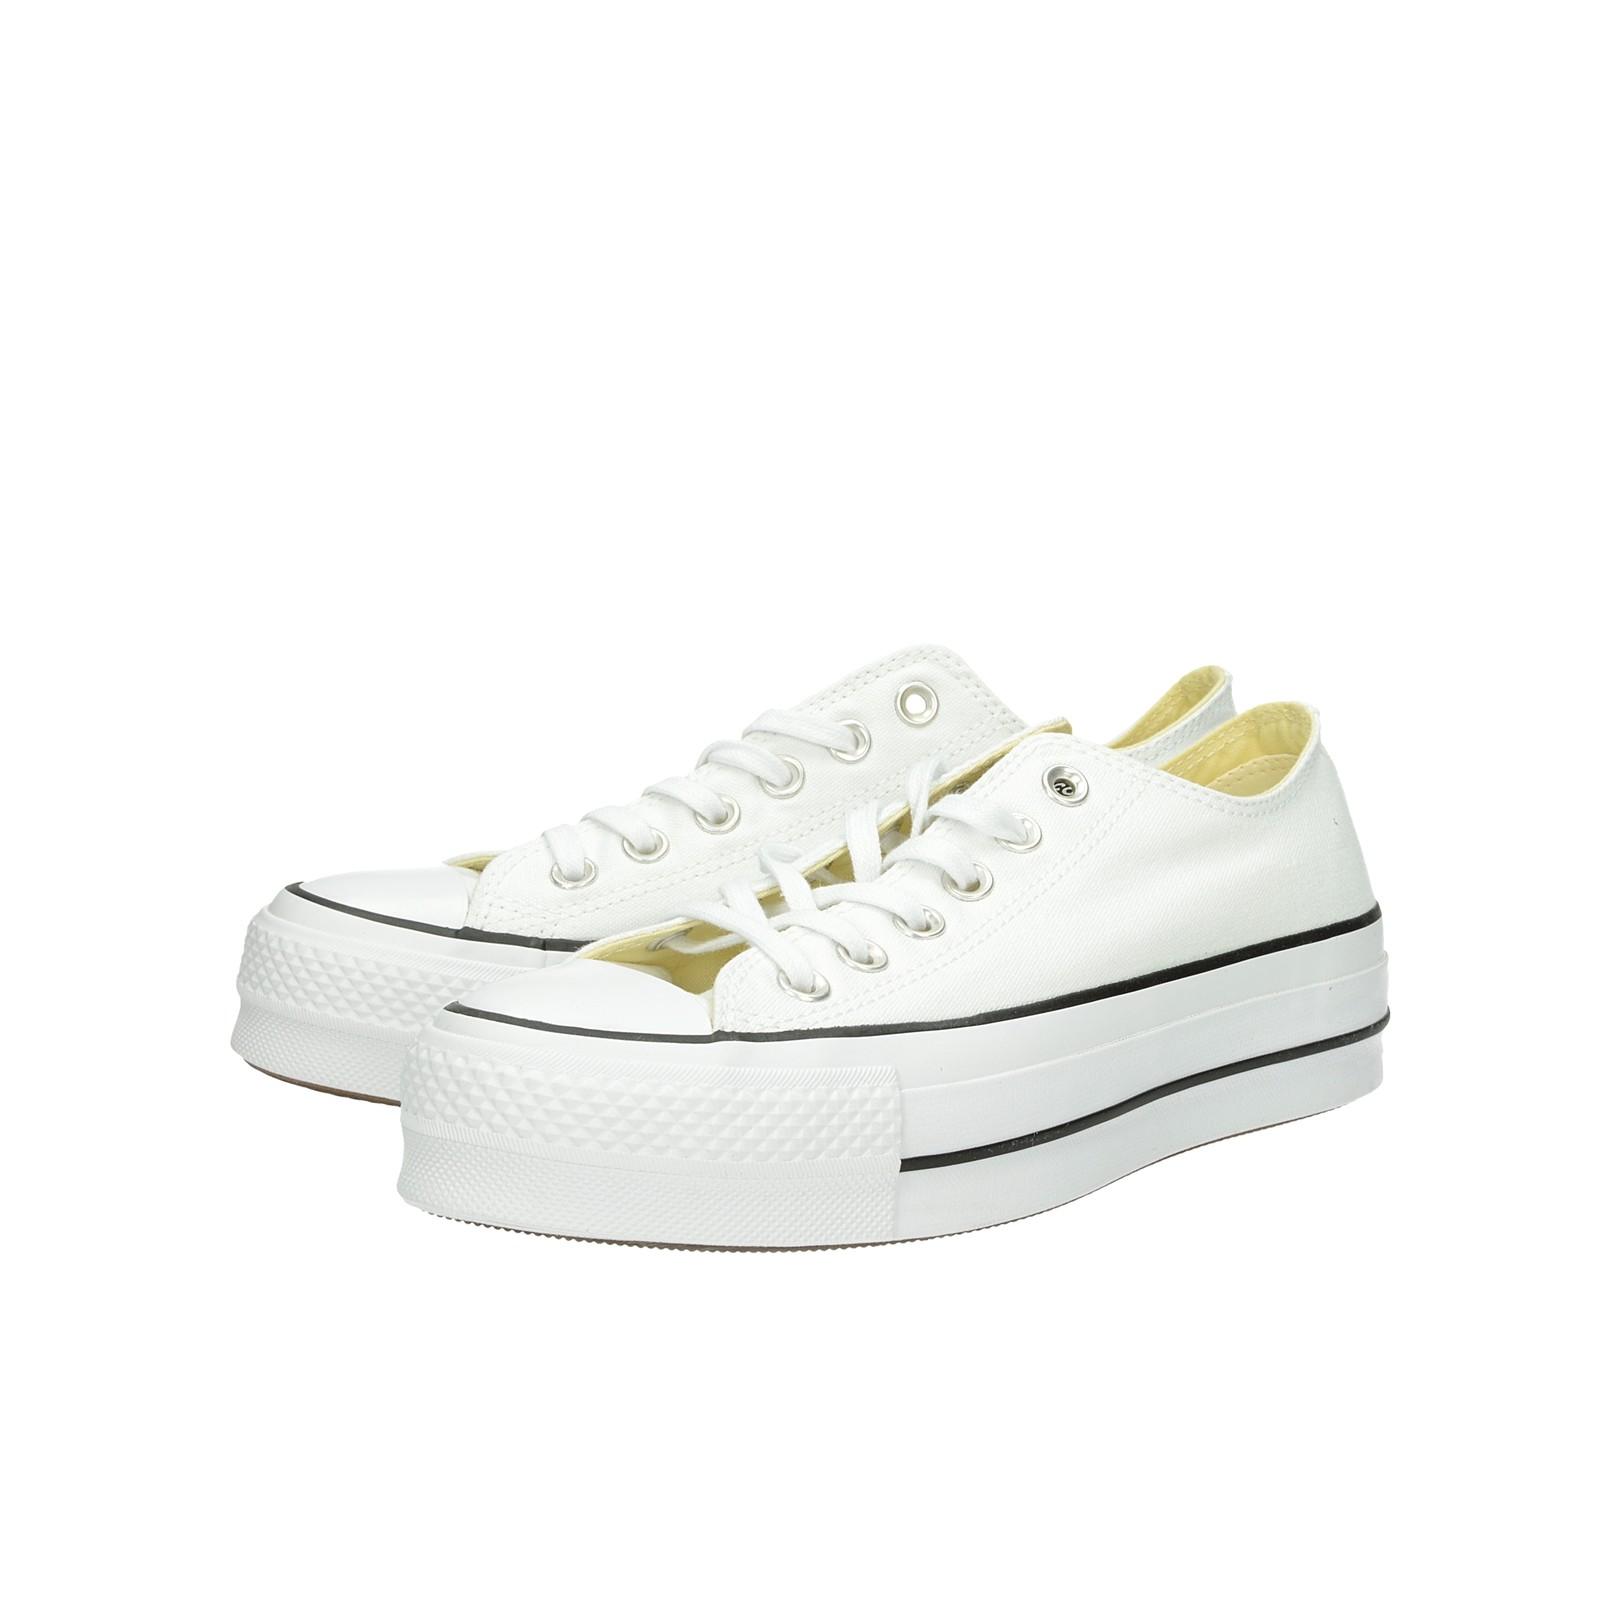 a71f437ae33e Converse dámske štýlové tenisky na platforme - biele ...